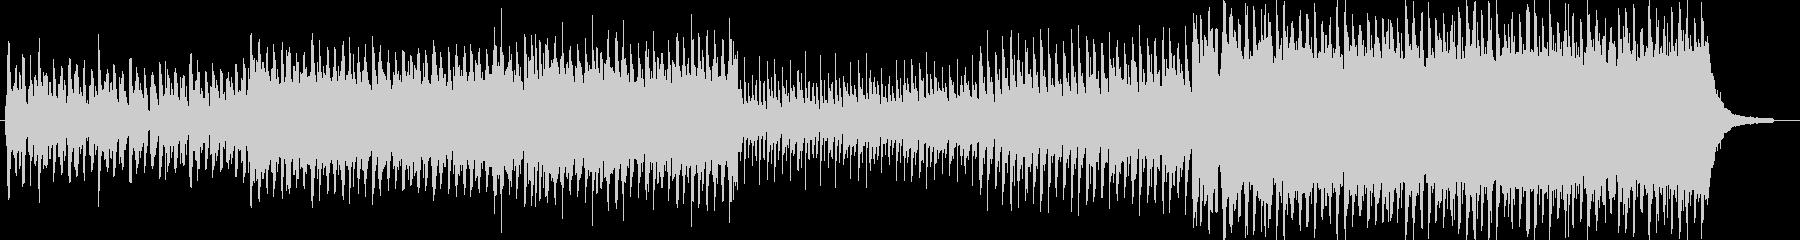 ドラマチックな展開の4つ打ち曲の未再生の波形